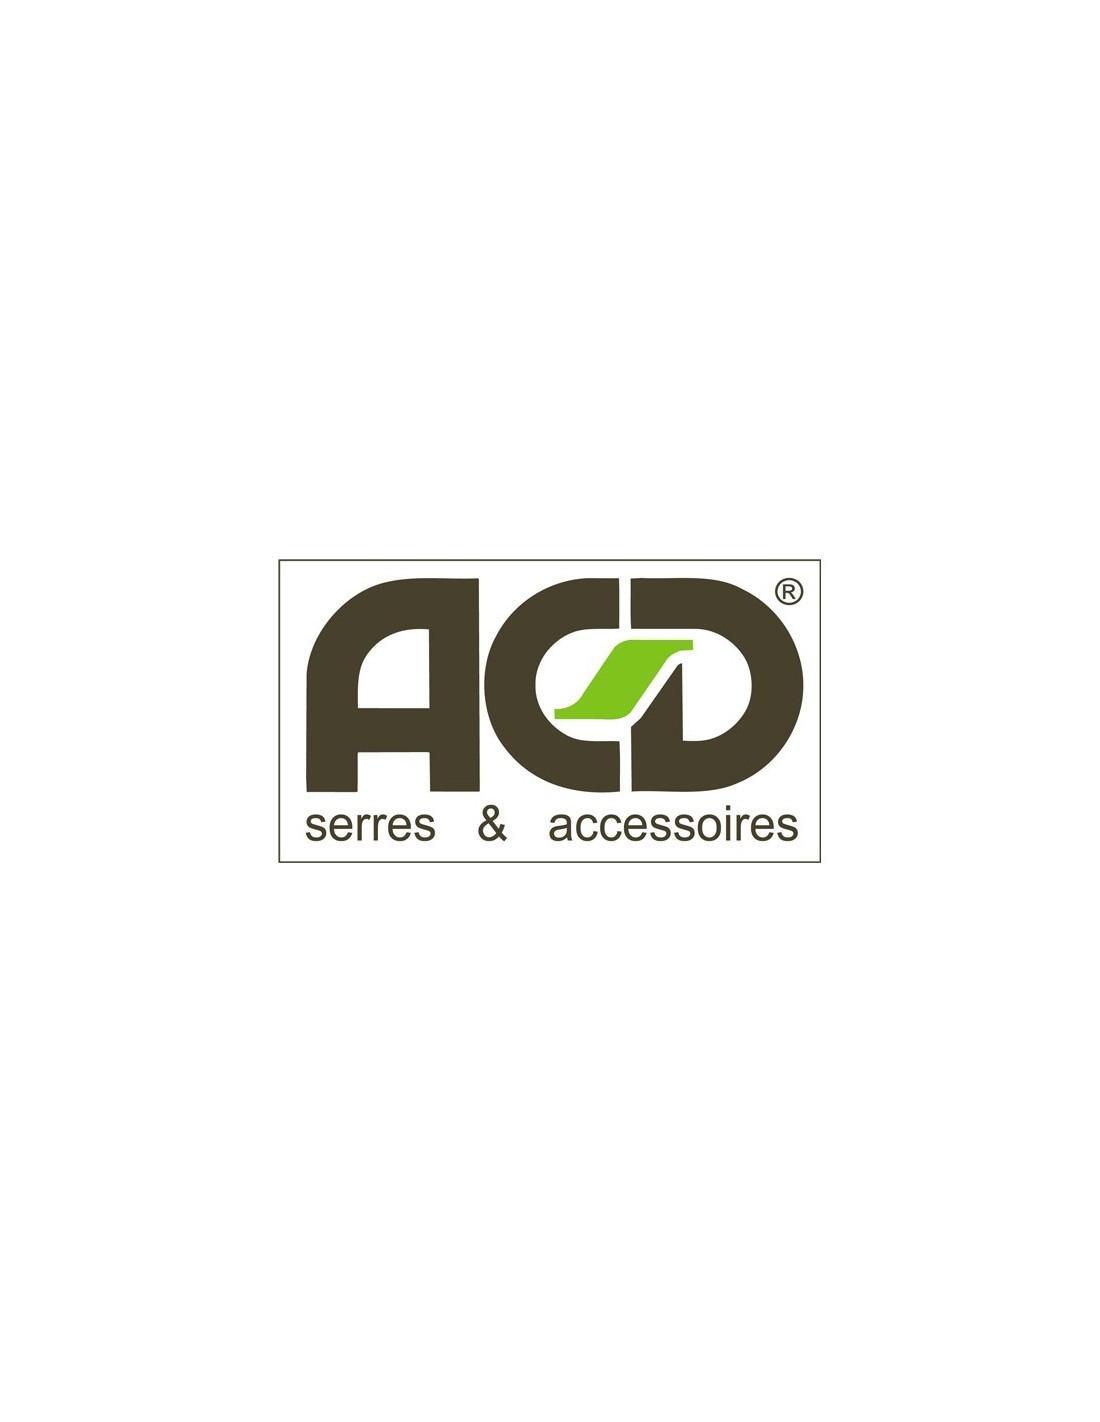 Rouleau De Caoutchouc Pour Serre Acd - Serres-Et-Abris avec Joint Epdm Caoutchouc Pour Serre De Jardin Acd